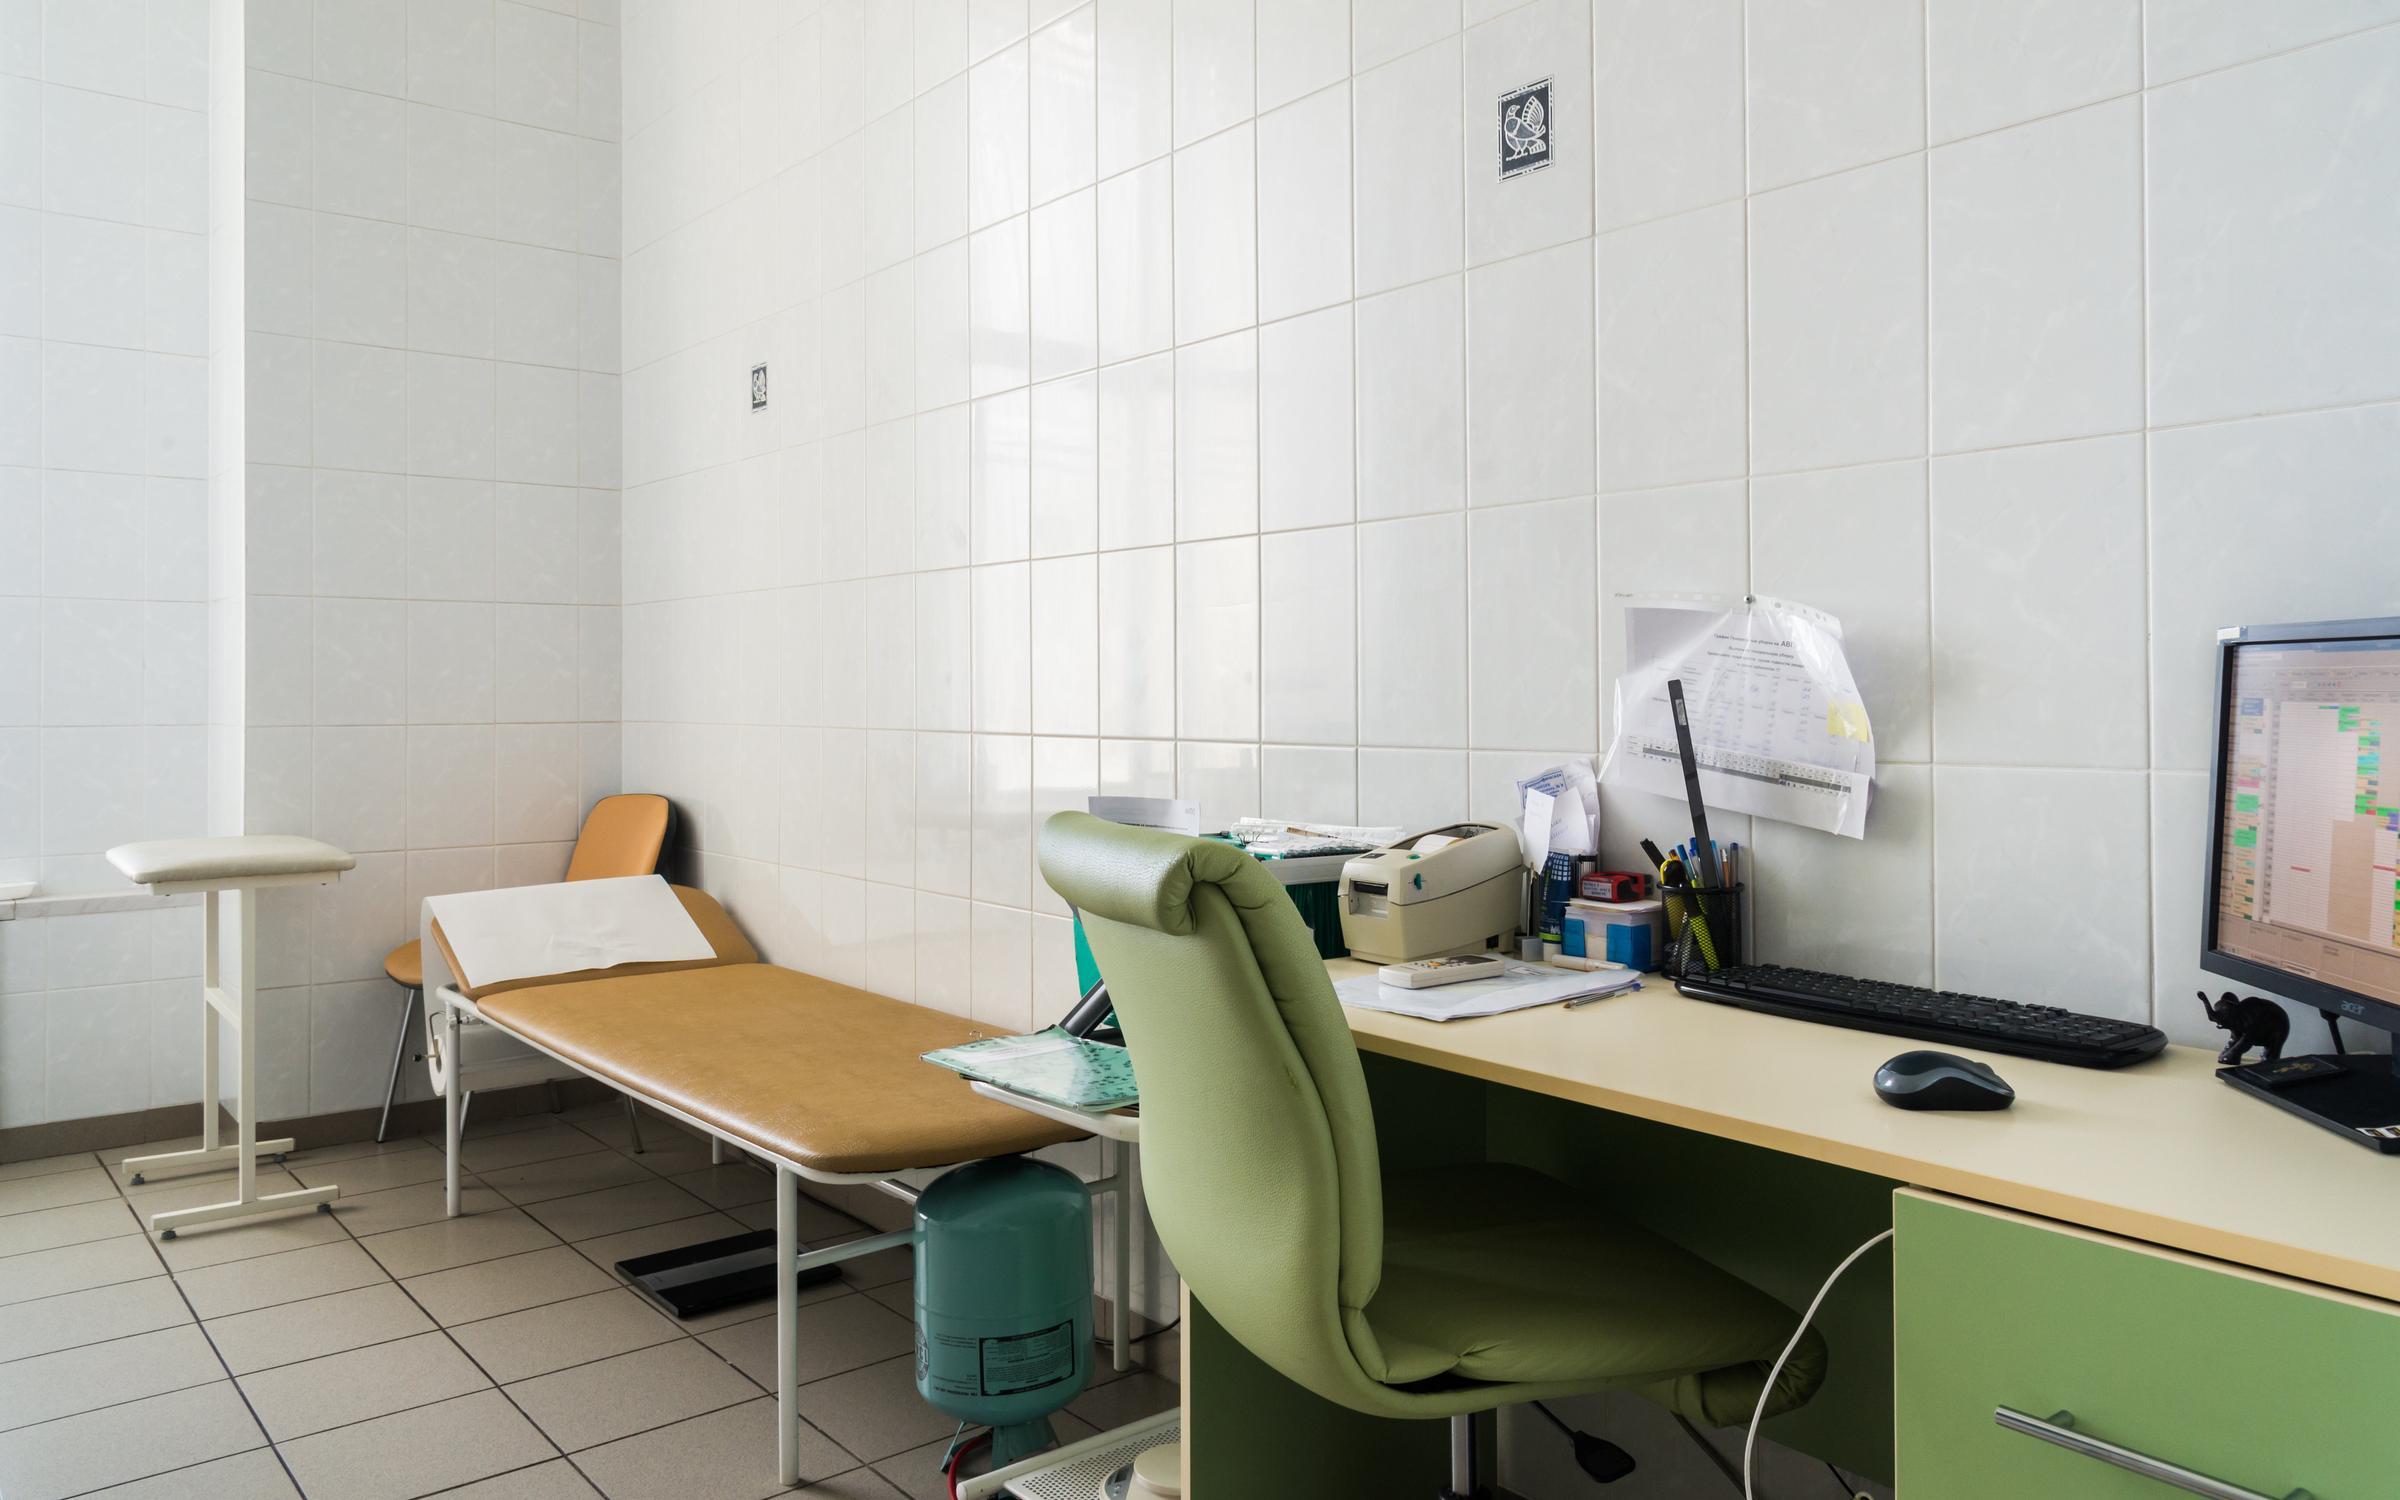 Иркутская областная детская клиническая больница запись к врачу